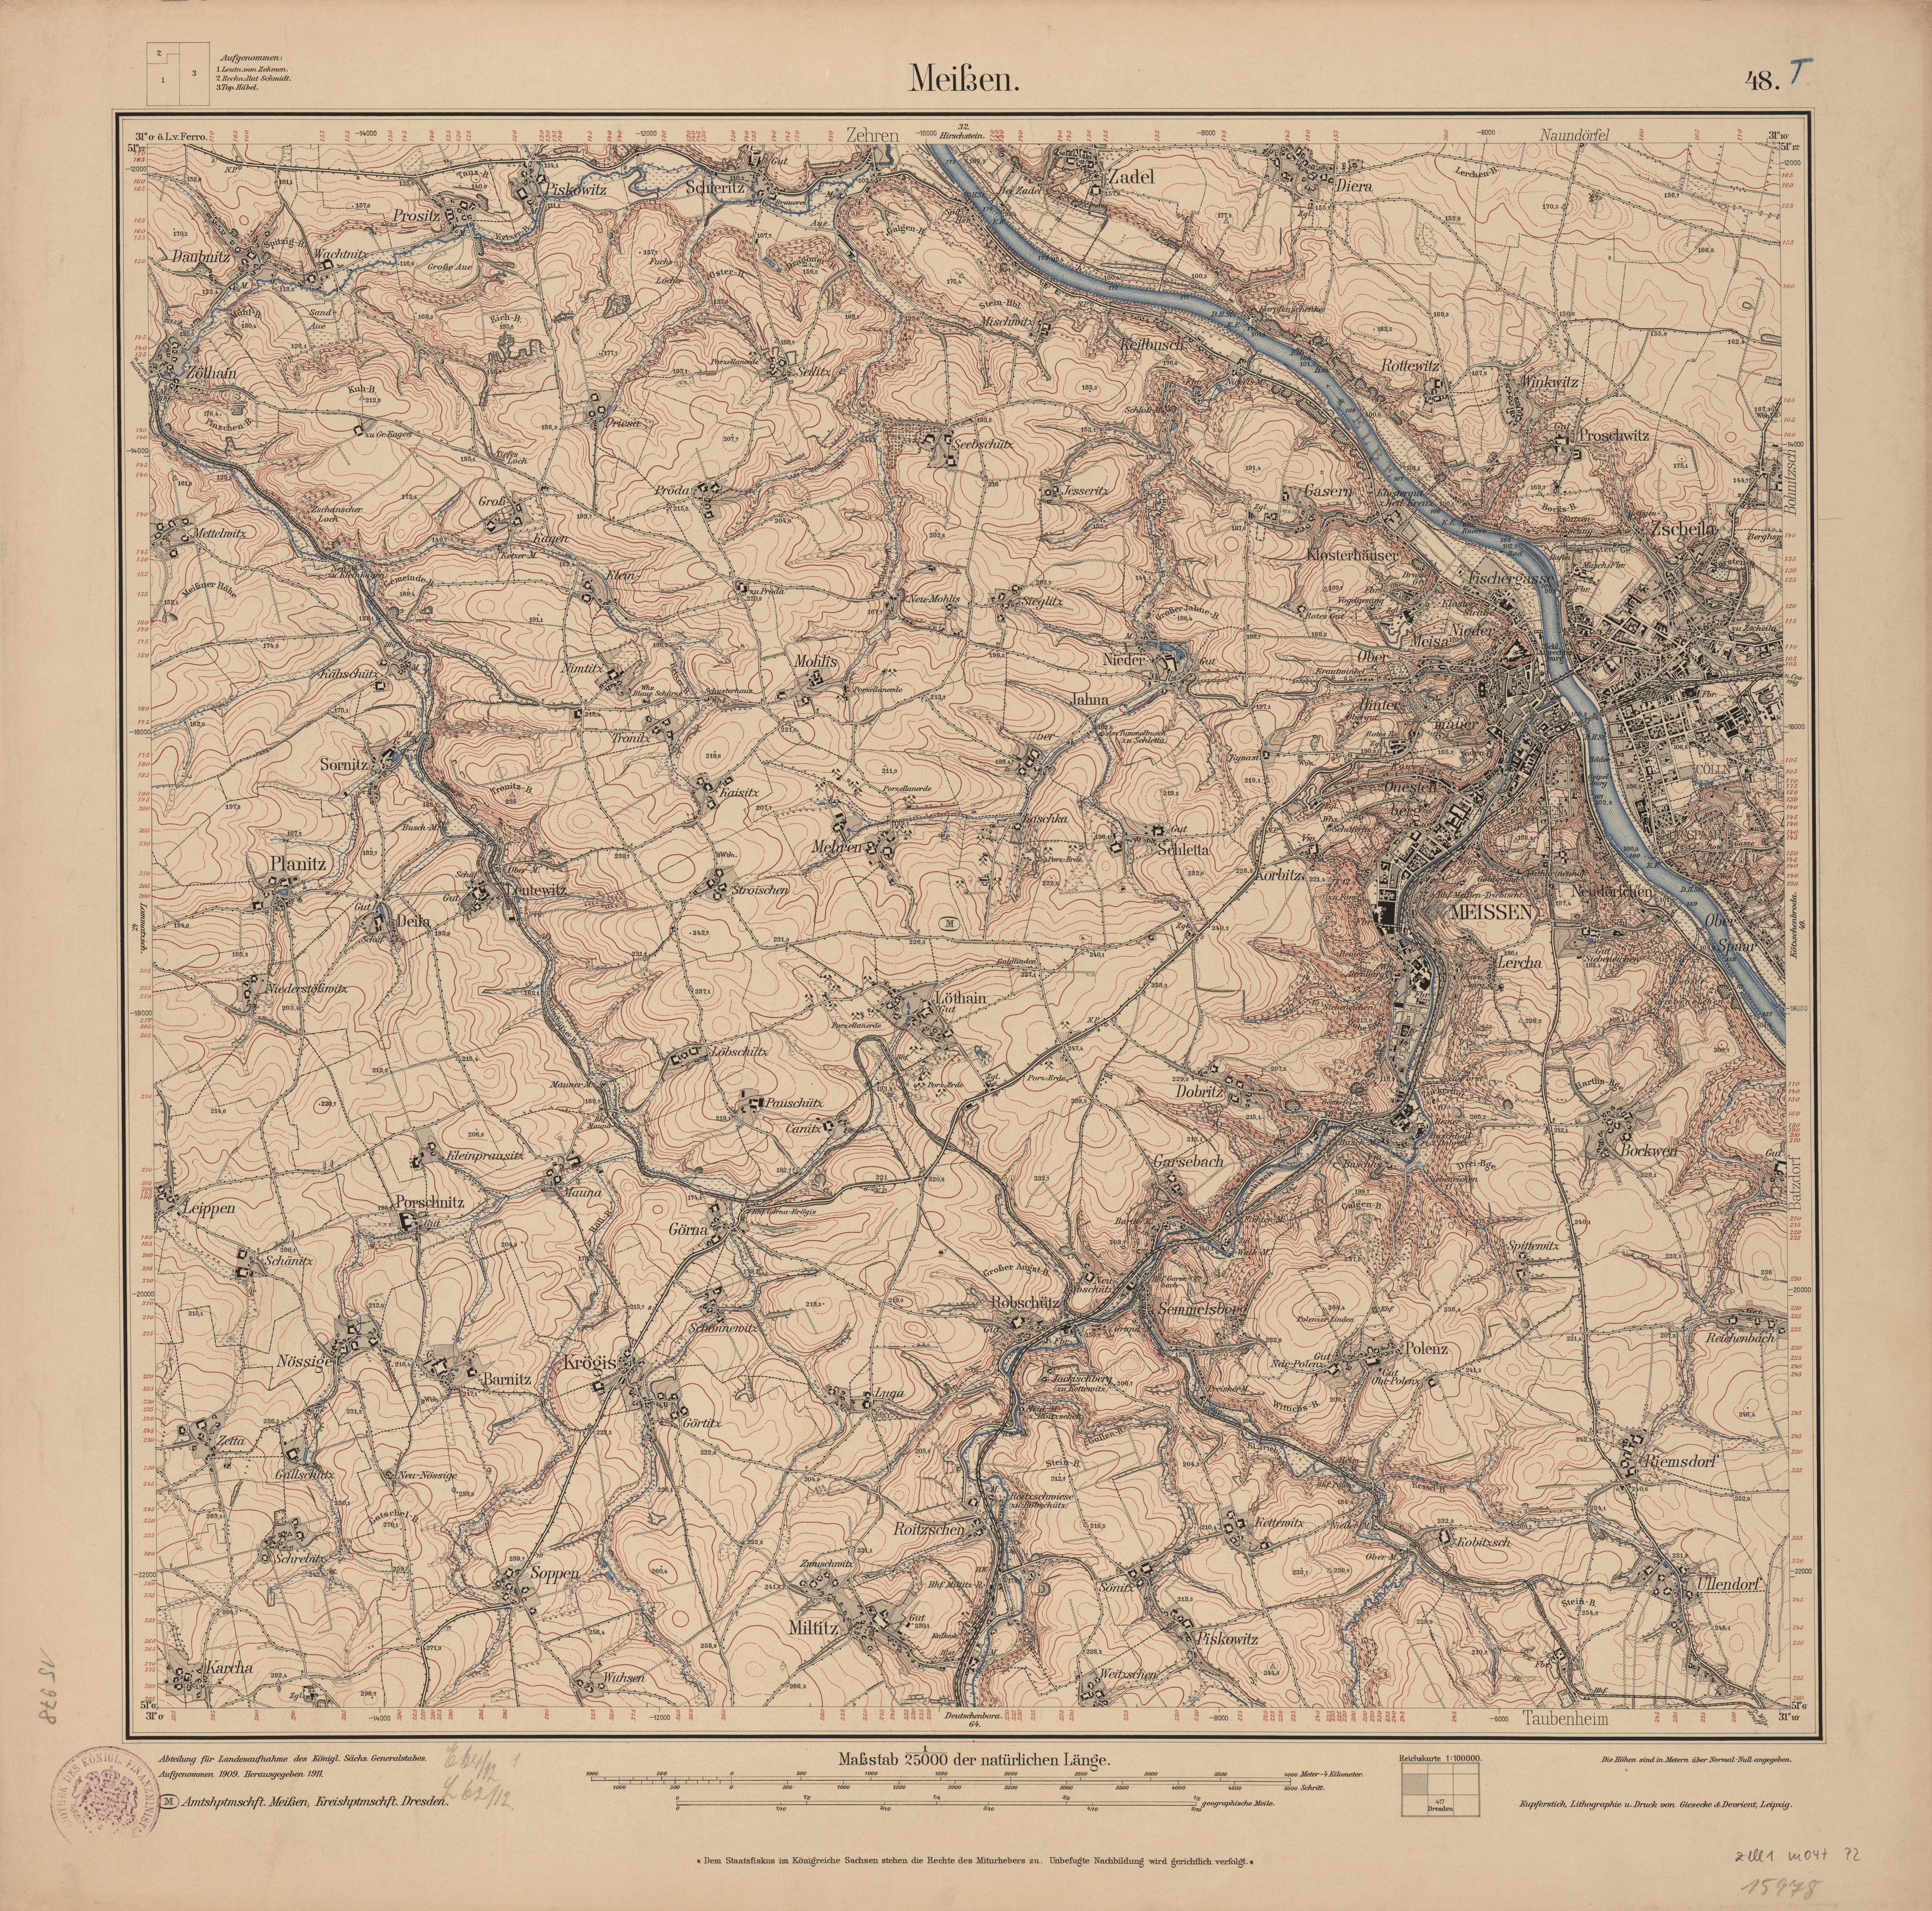 file:tk25 sachsen messtischblatt 48 meissen 1911 - wikimedia, Esstisch ideennn